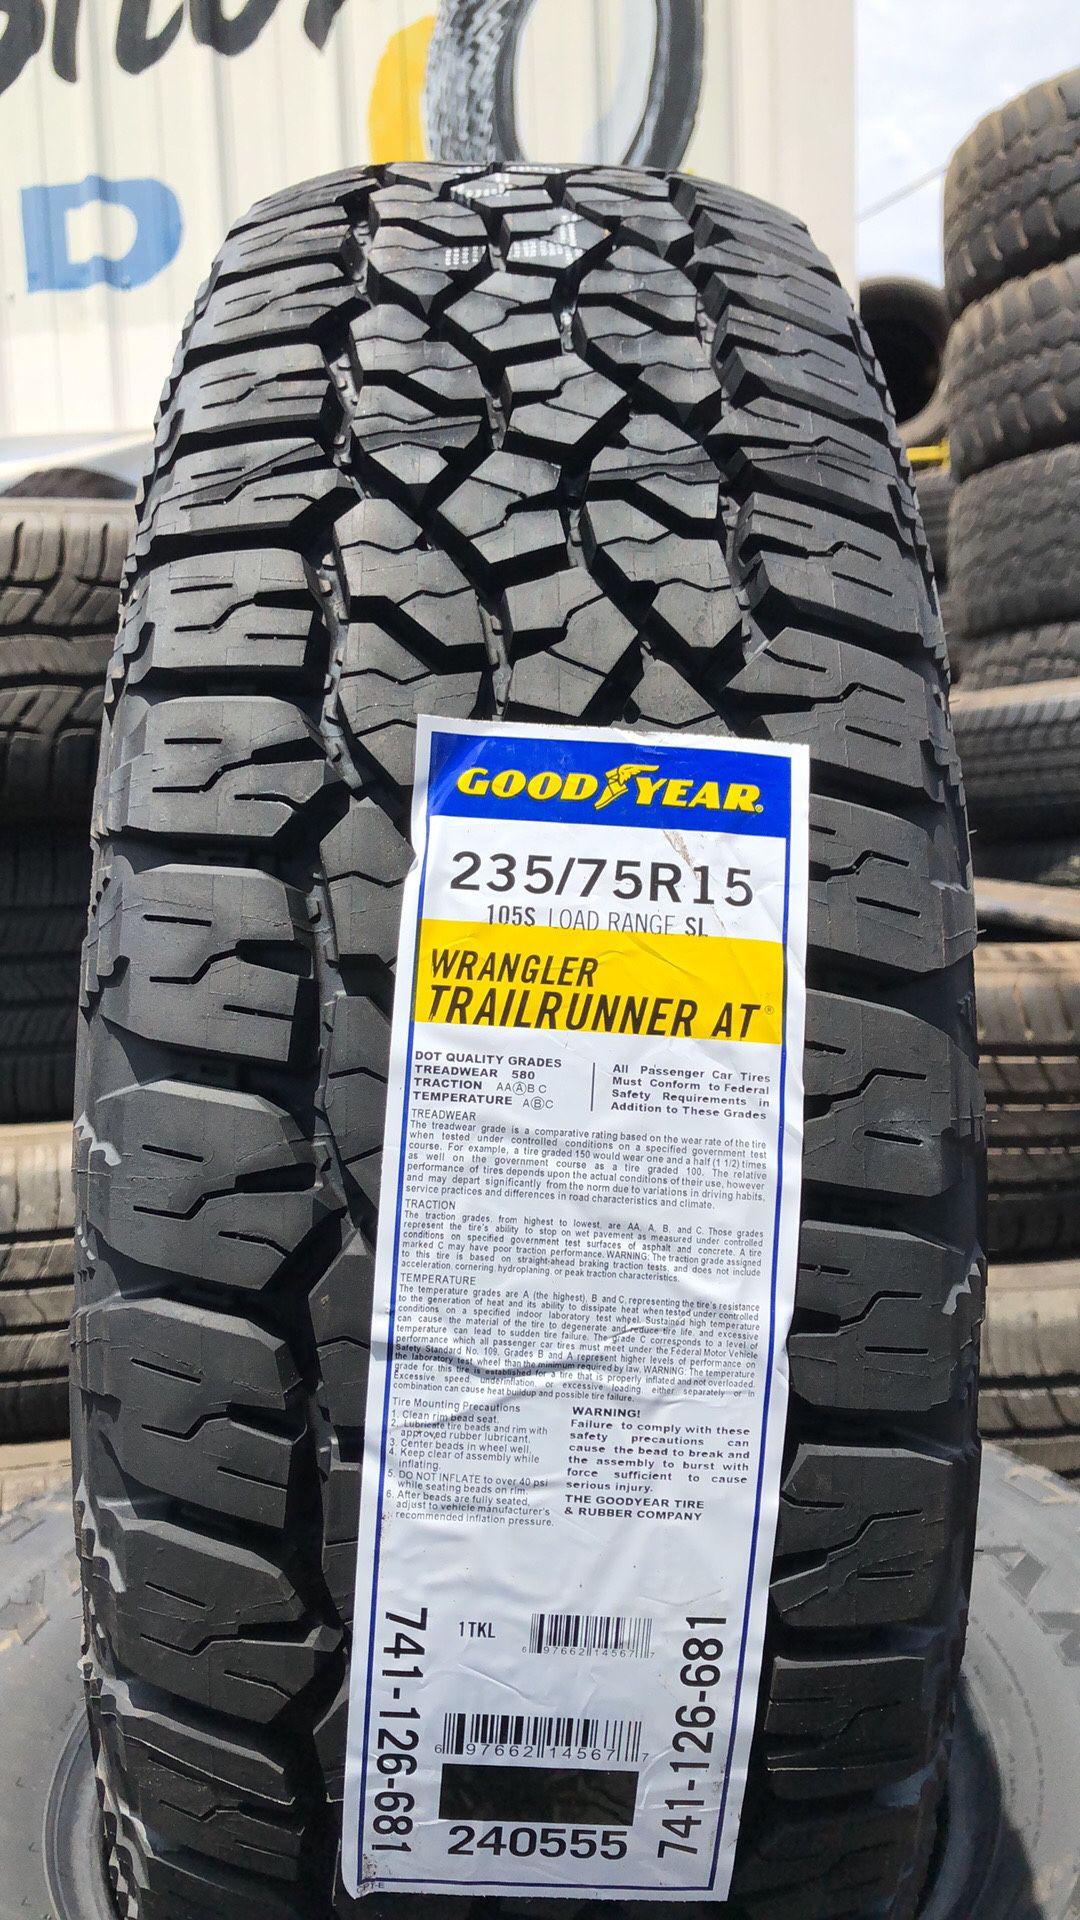 235/75R15 Goodyear Wrangler Trail Runner